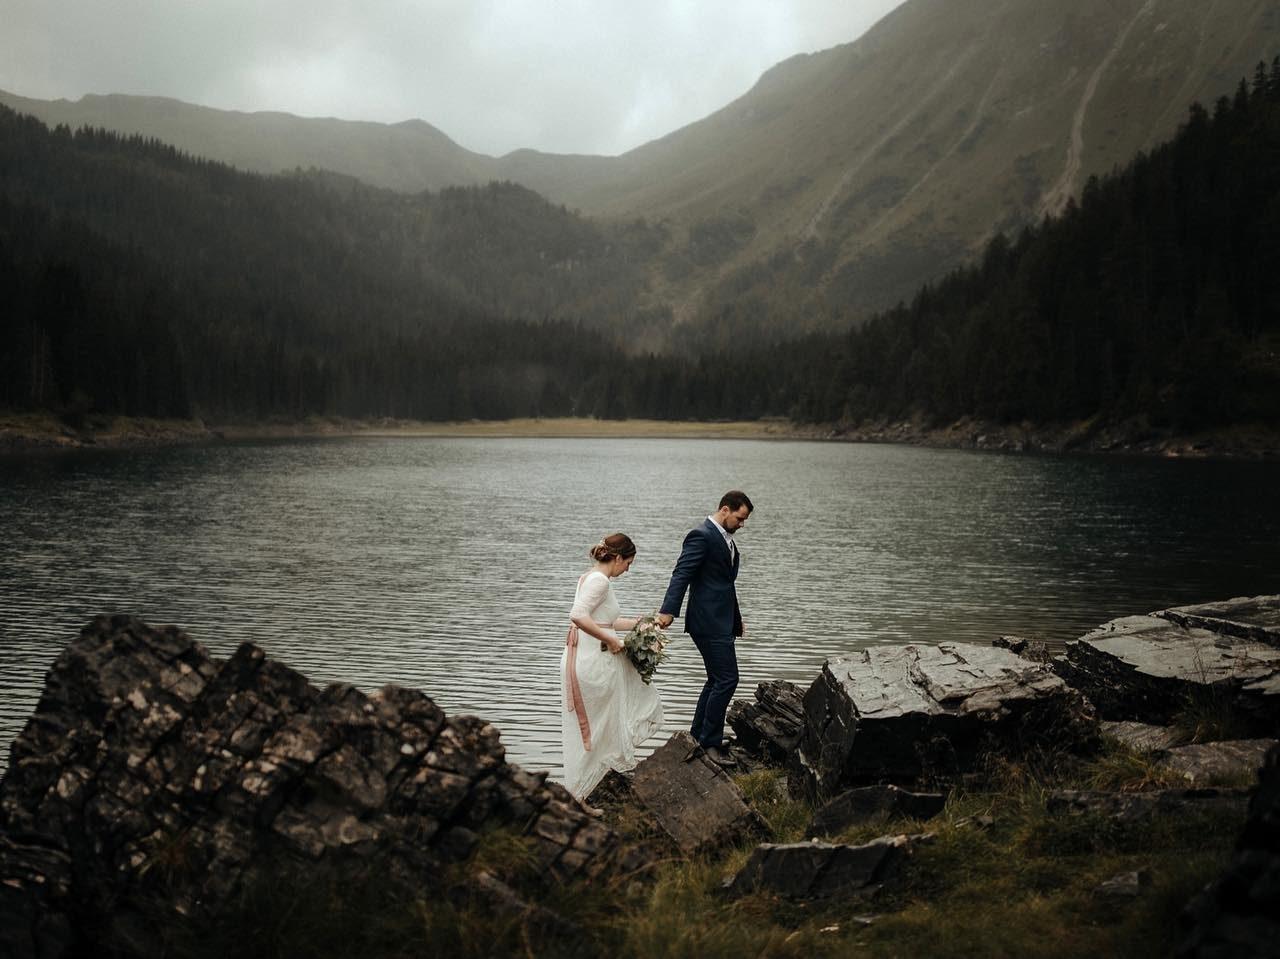 Chasewild Photography: El verdadero storytelling en tu boda